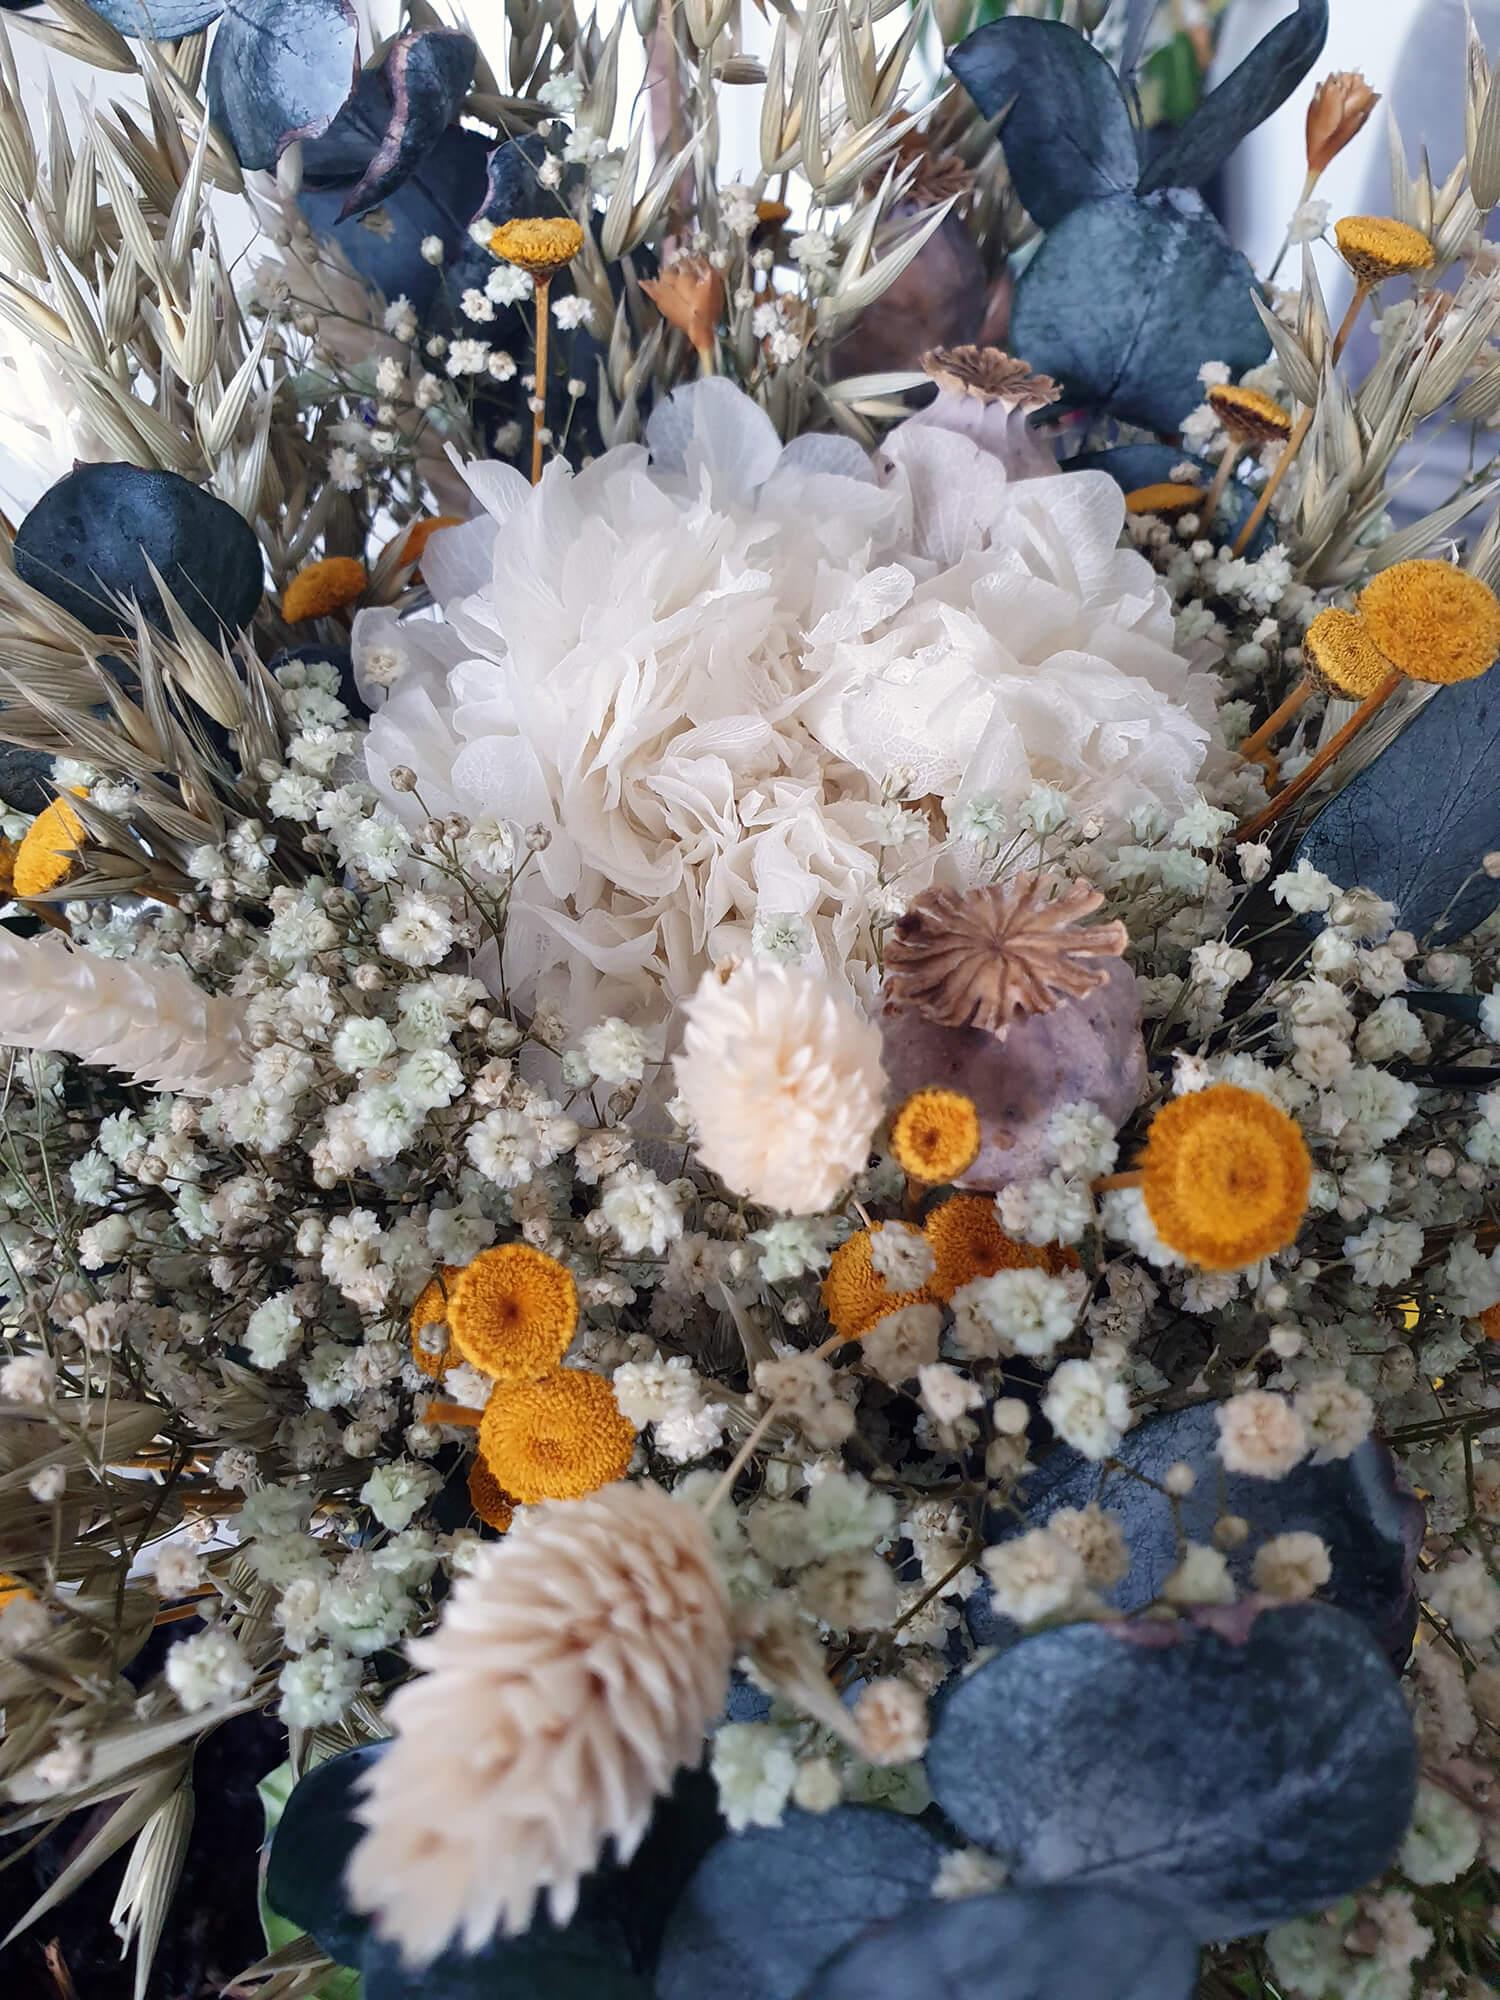 20201012 131257 - Laisser les fleurs séchées envahir la décoration